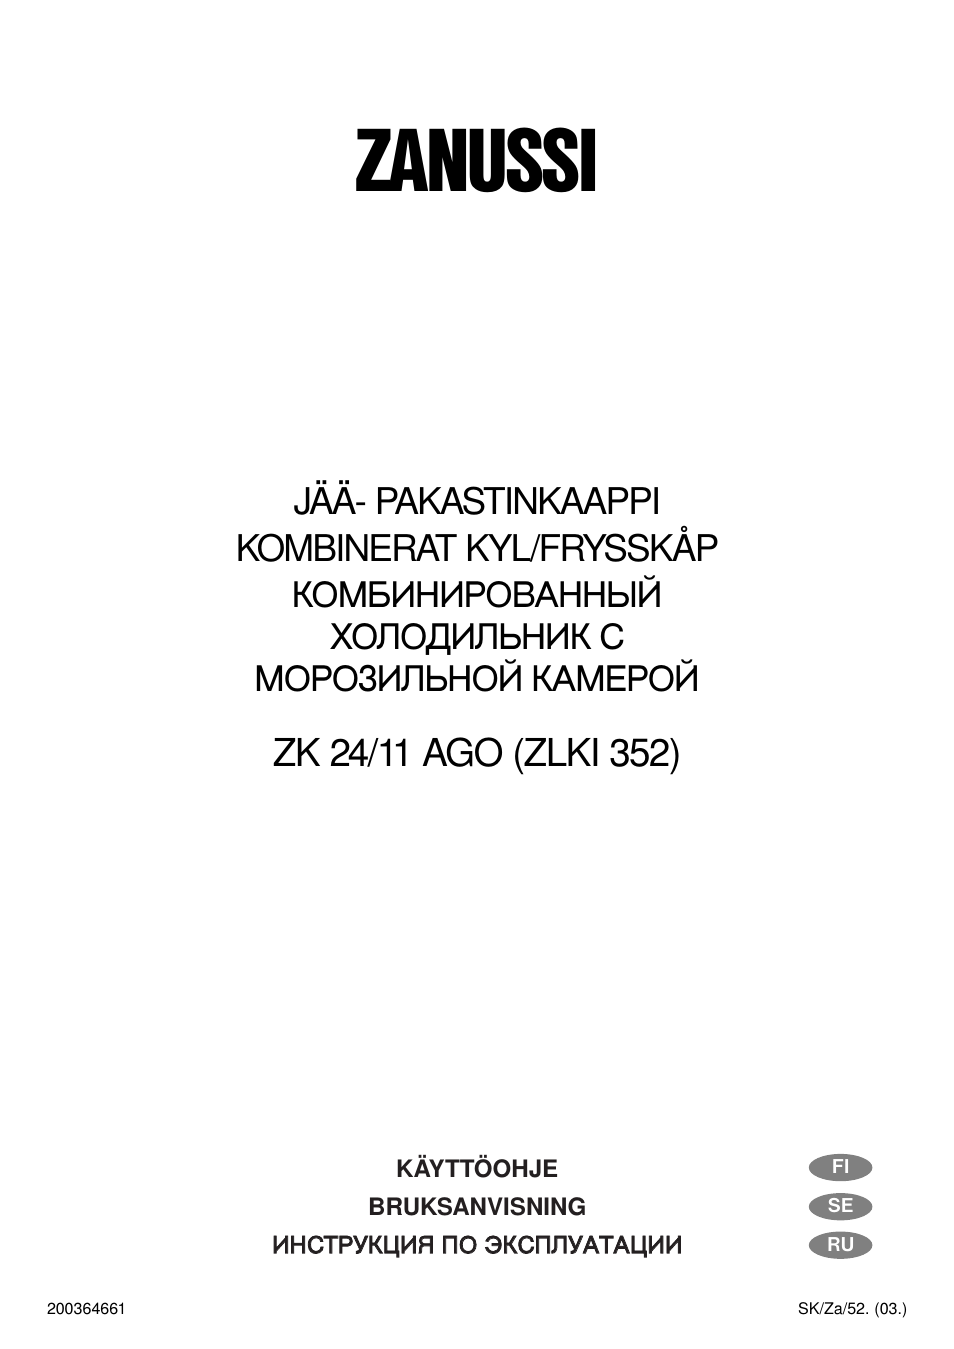 Инструкция по эксплуатации Zanussi ZK 24 11 AGO   16 страниц 97c1b83a4db